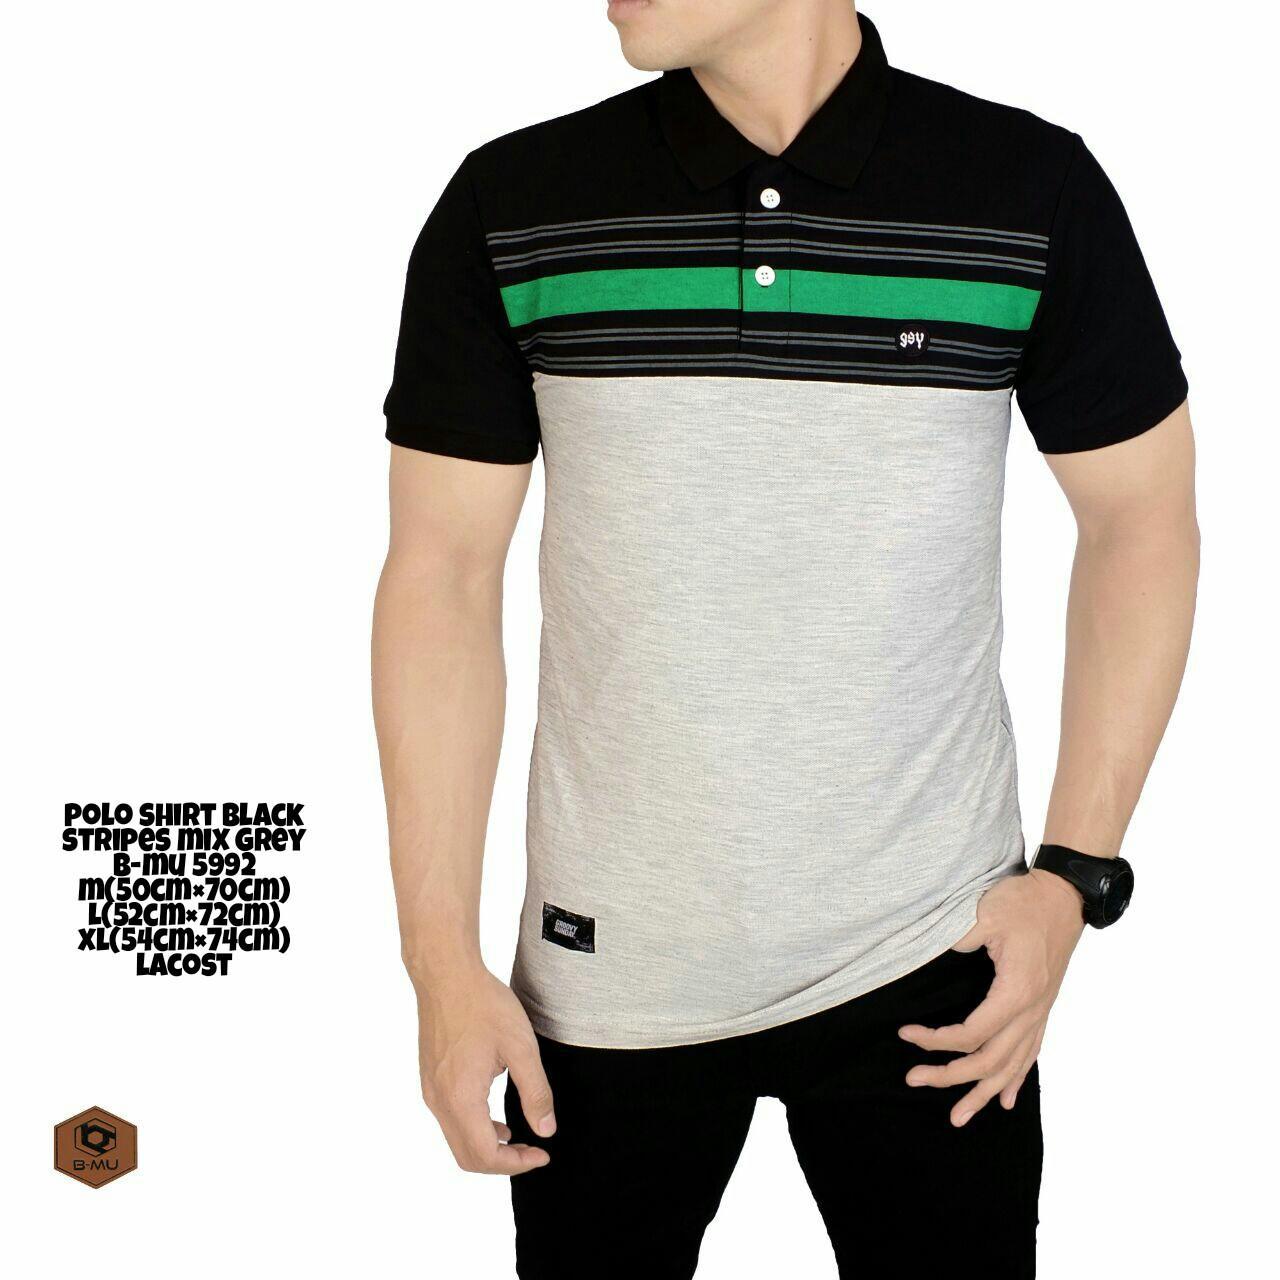 the most - kaos polo shirt kerah black mix grey lines green / garis hijau pria casual kaos polo kaos adem kaos pria T-shirt pria kaos distro bandung kaos distro keren putih merah navy kombinasi 2 warna